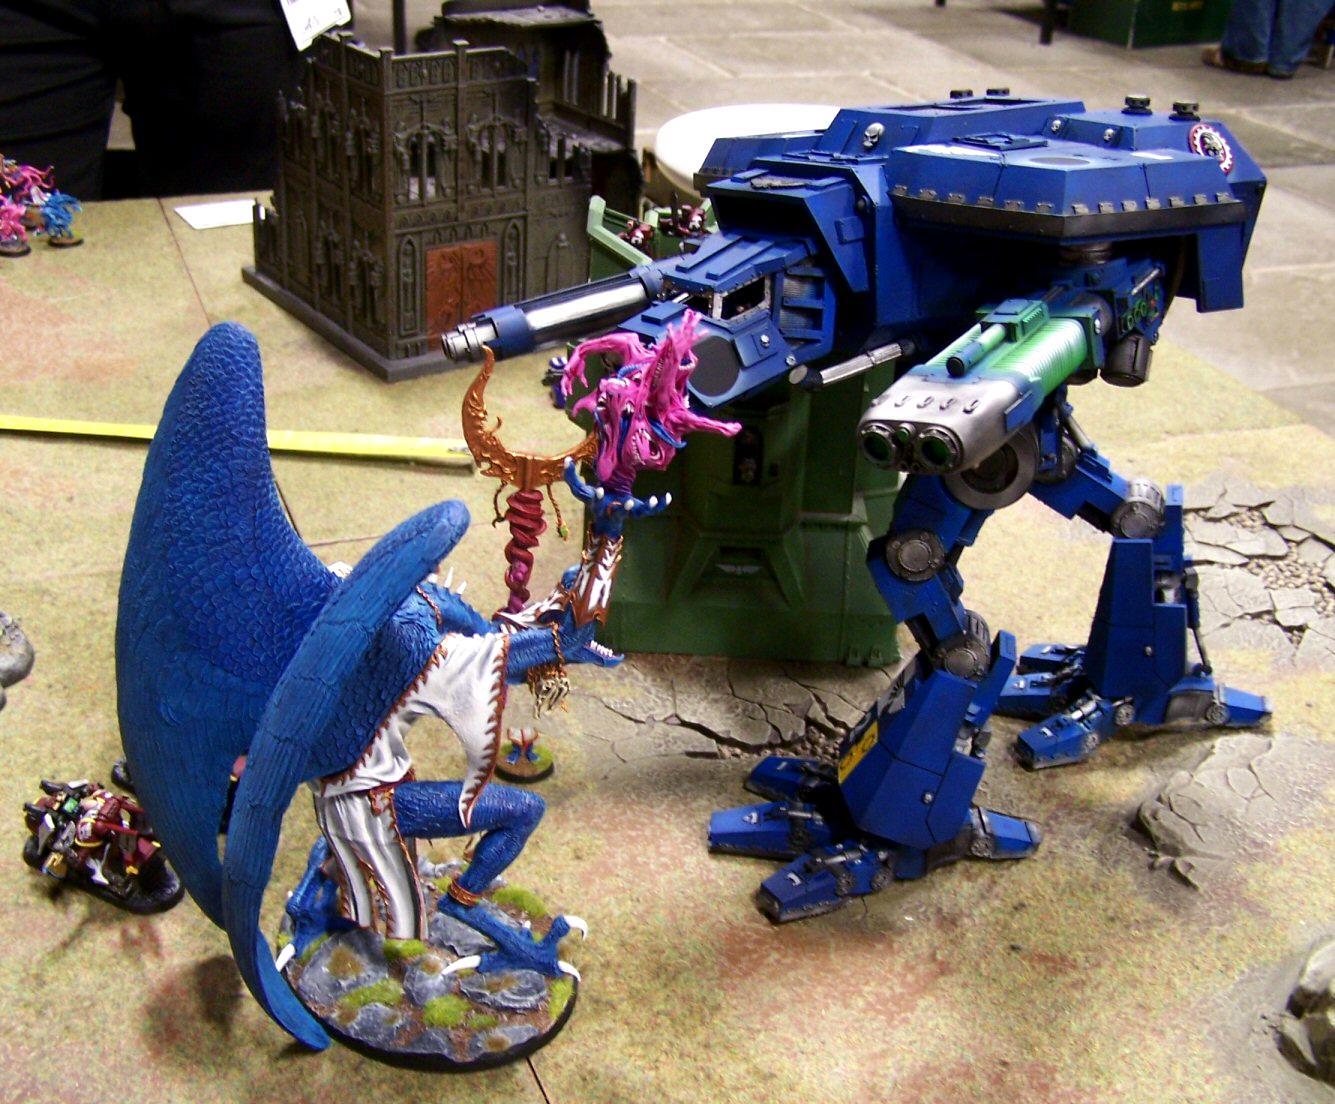 Emperor's Wings, Games, Greater Daemon Of Tzeench, Throne Of Skulls, Warhound, Warp Runners